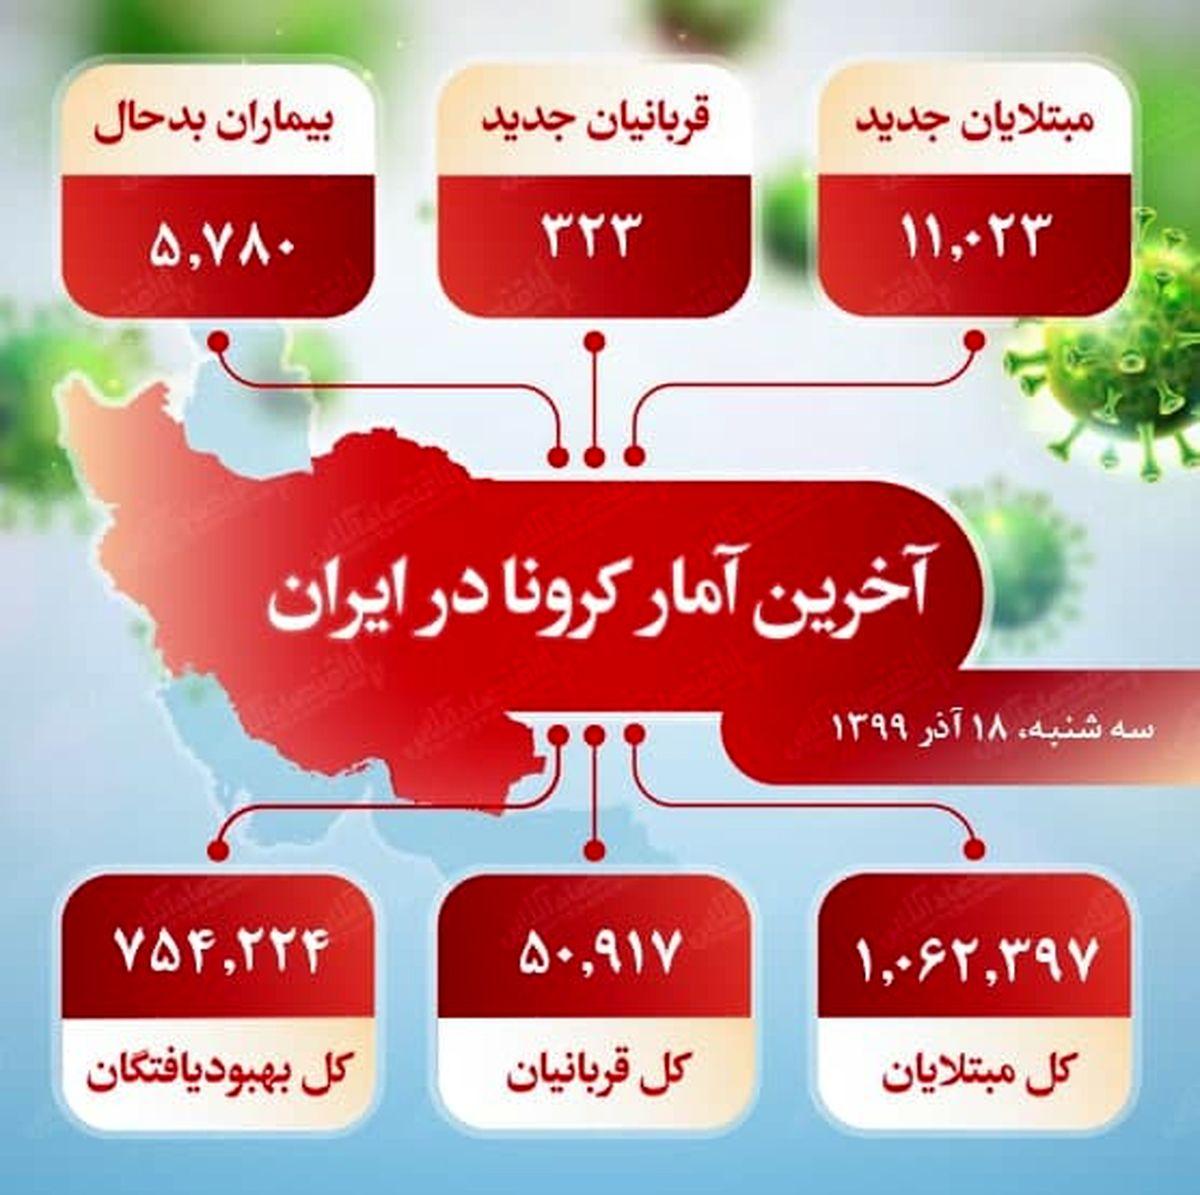 آخرین آمار کرونا در ایران (۹۹/۹/۱۸)